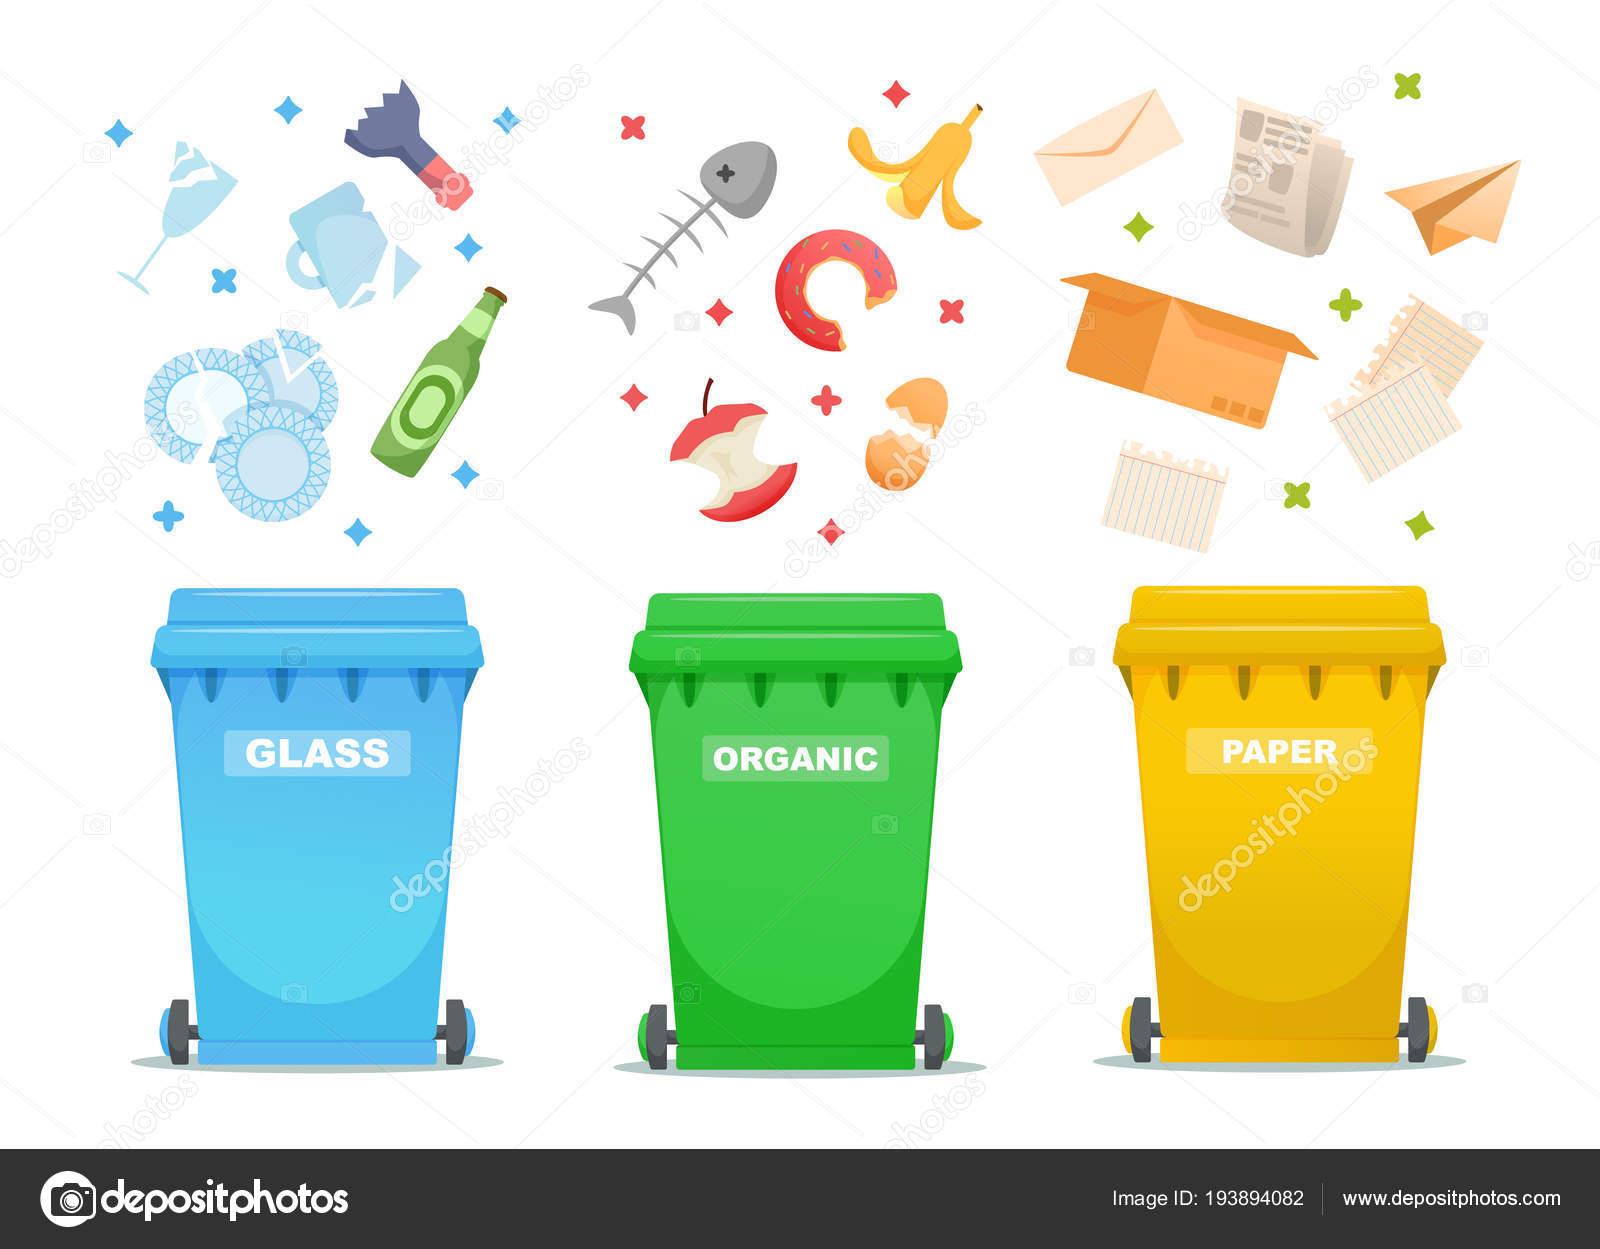 Iconos De Reciclaje Basura, Contenedor De Basura